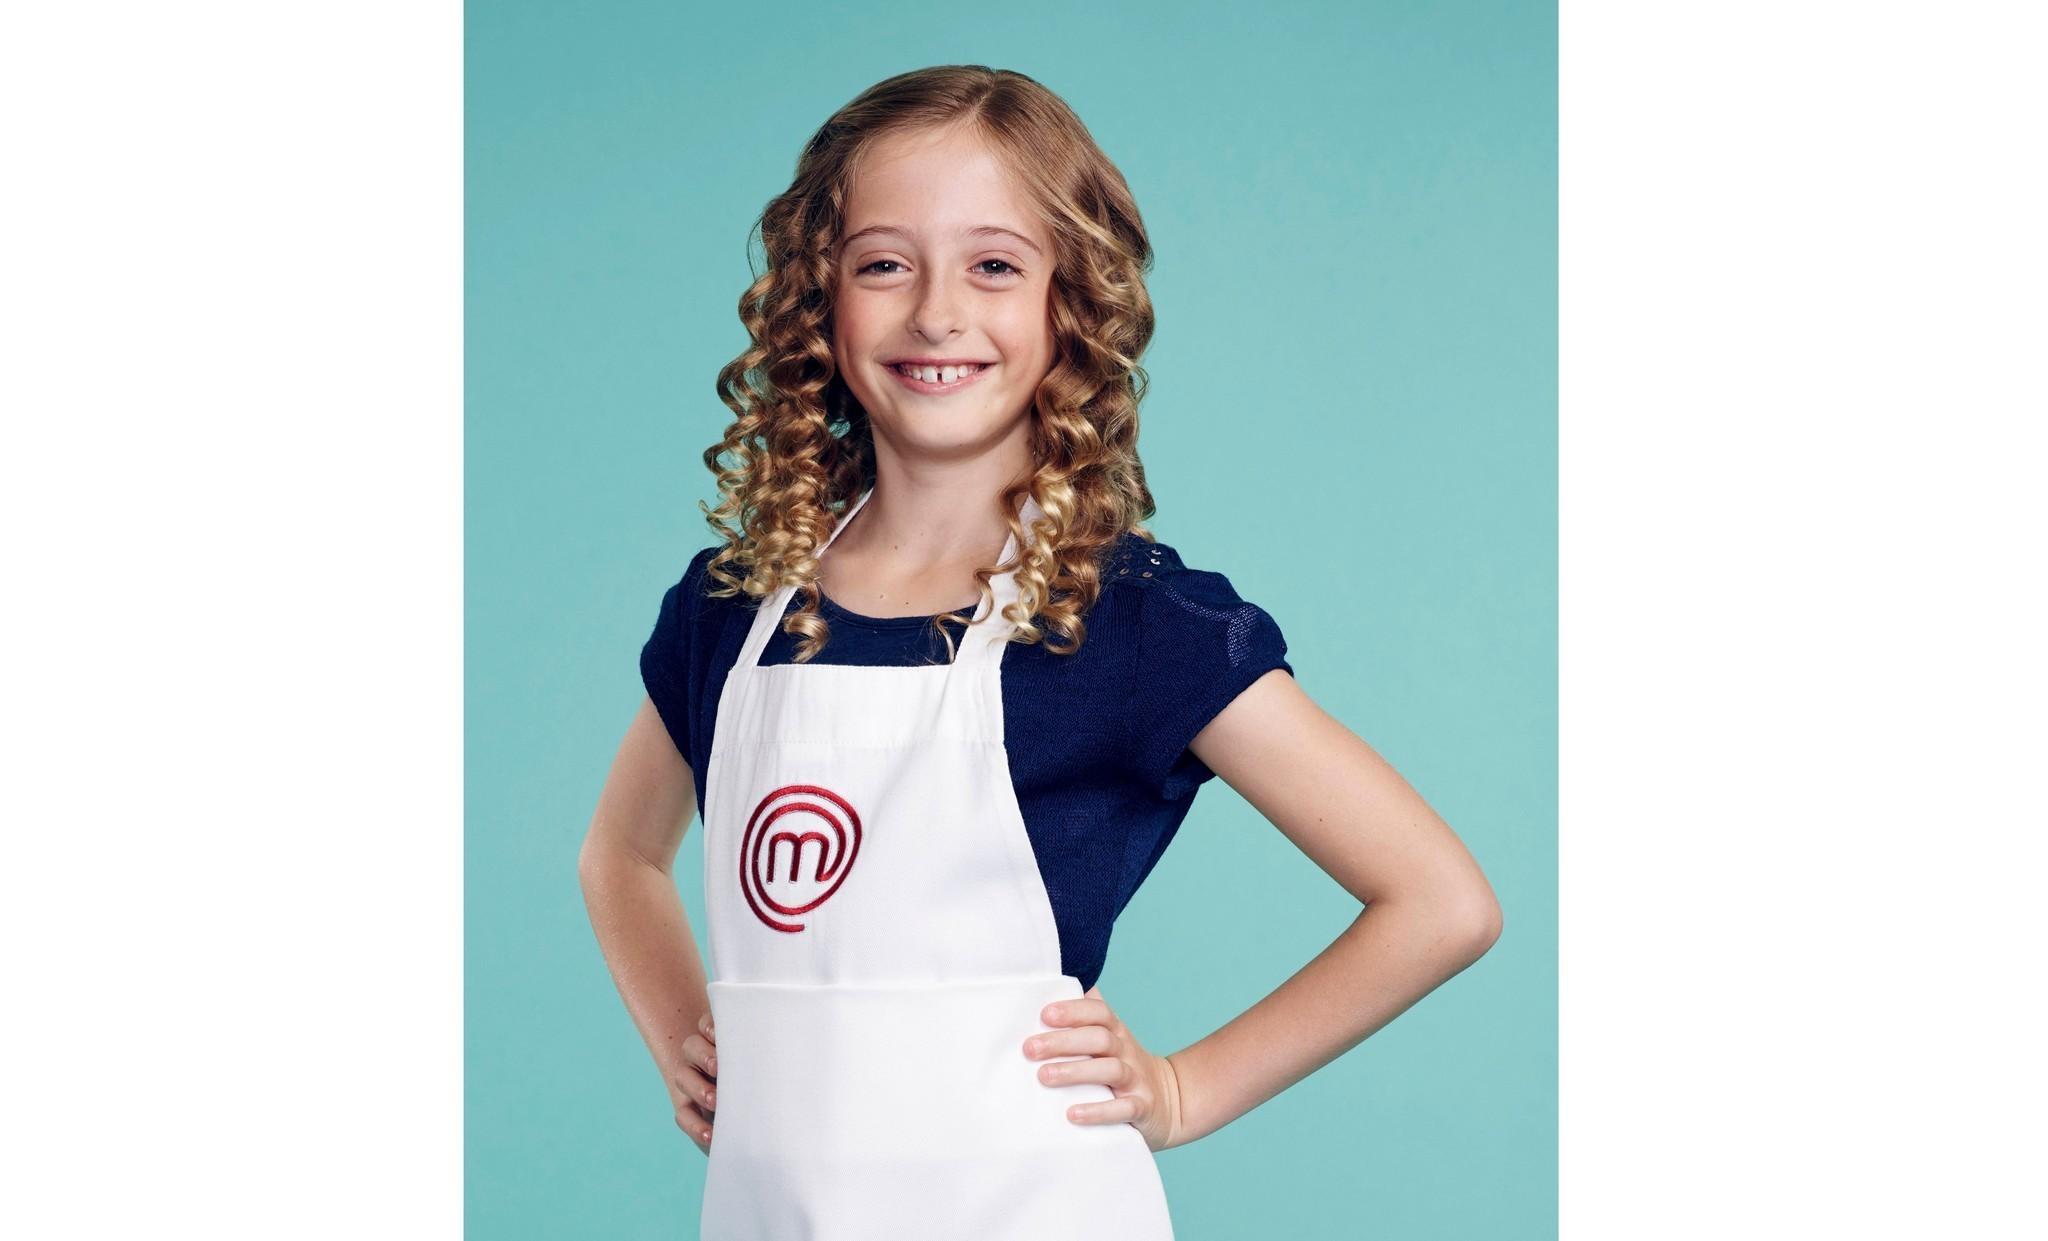 Cardiff Girl Shows Off Culinary Skills On Masterchef